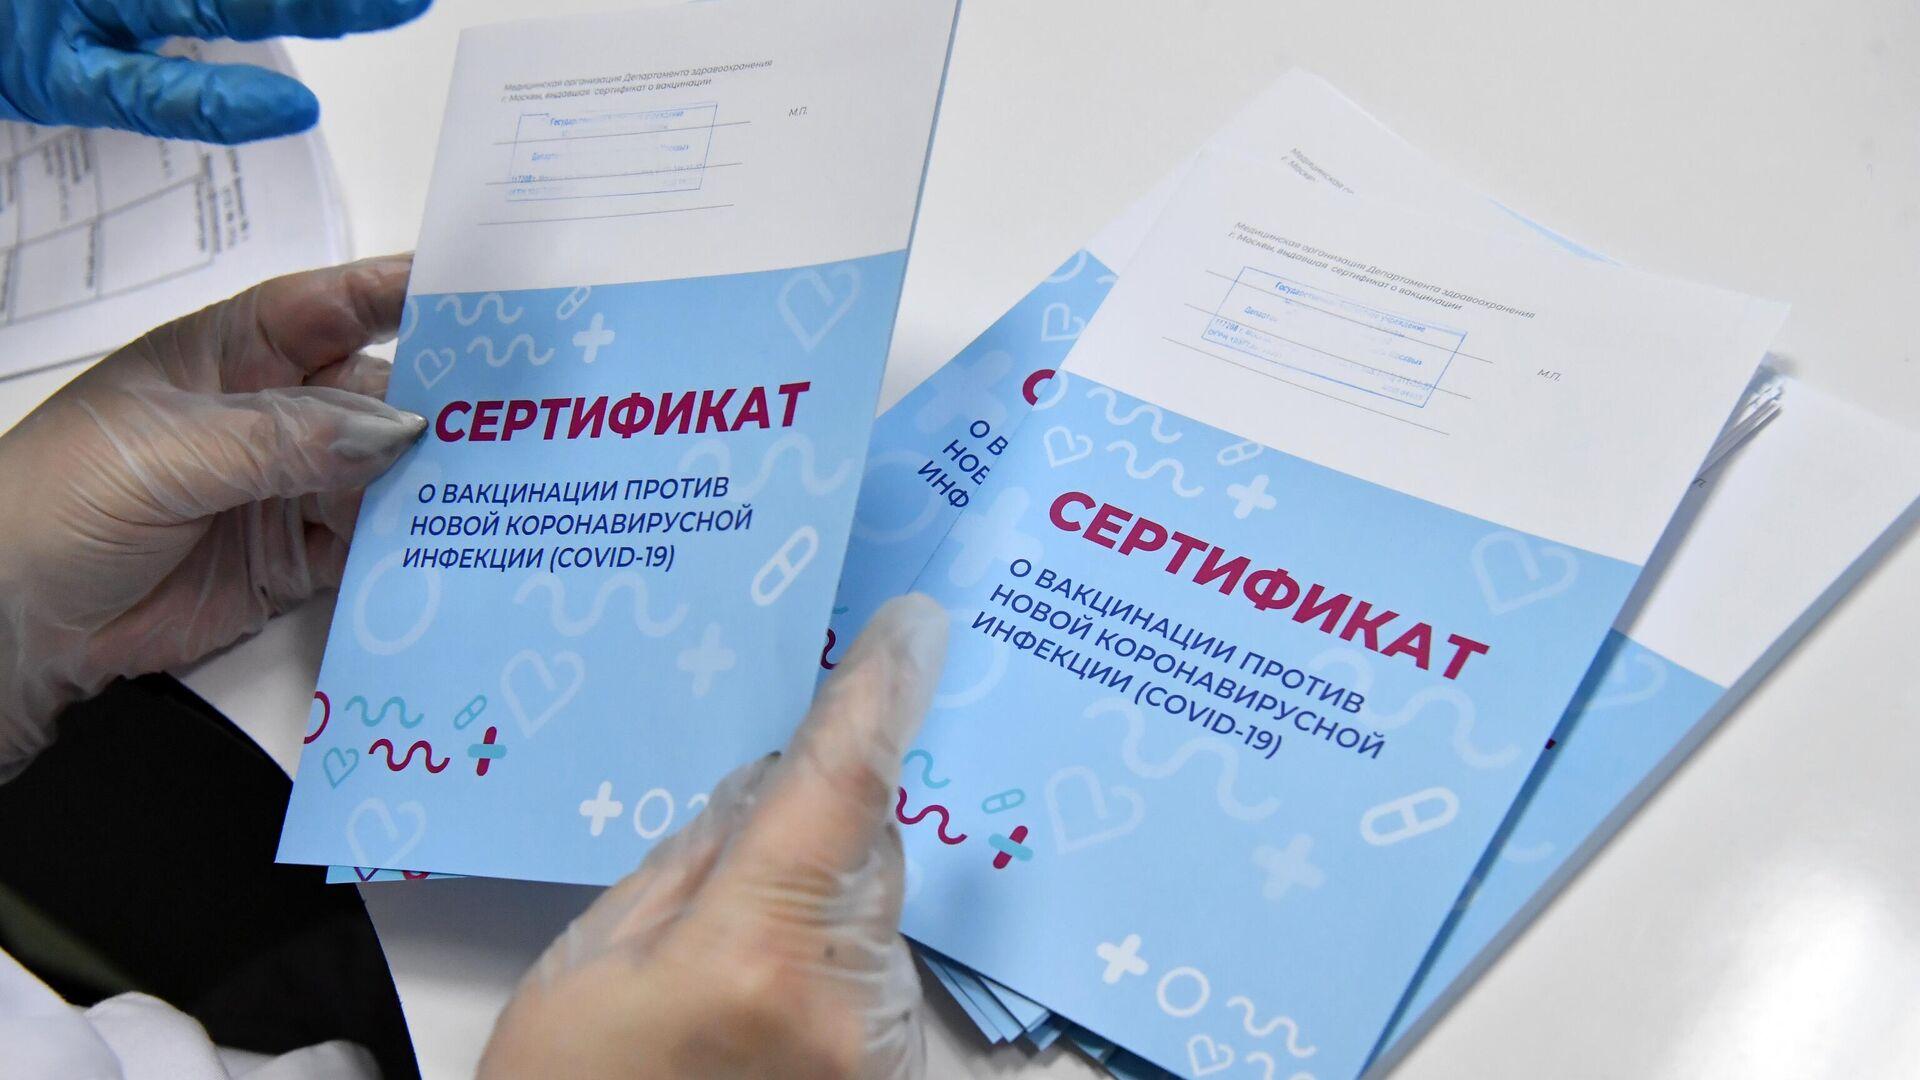 Медработник с сертификатами о вакцинации от новой коронавирусной инфекции COVID-19, которые выдаются пациентам после вакцинации вакциной Спутник V - РИА Новости, 1920, 04.03.2021